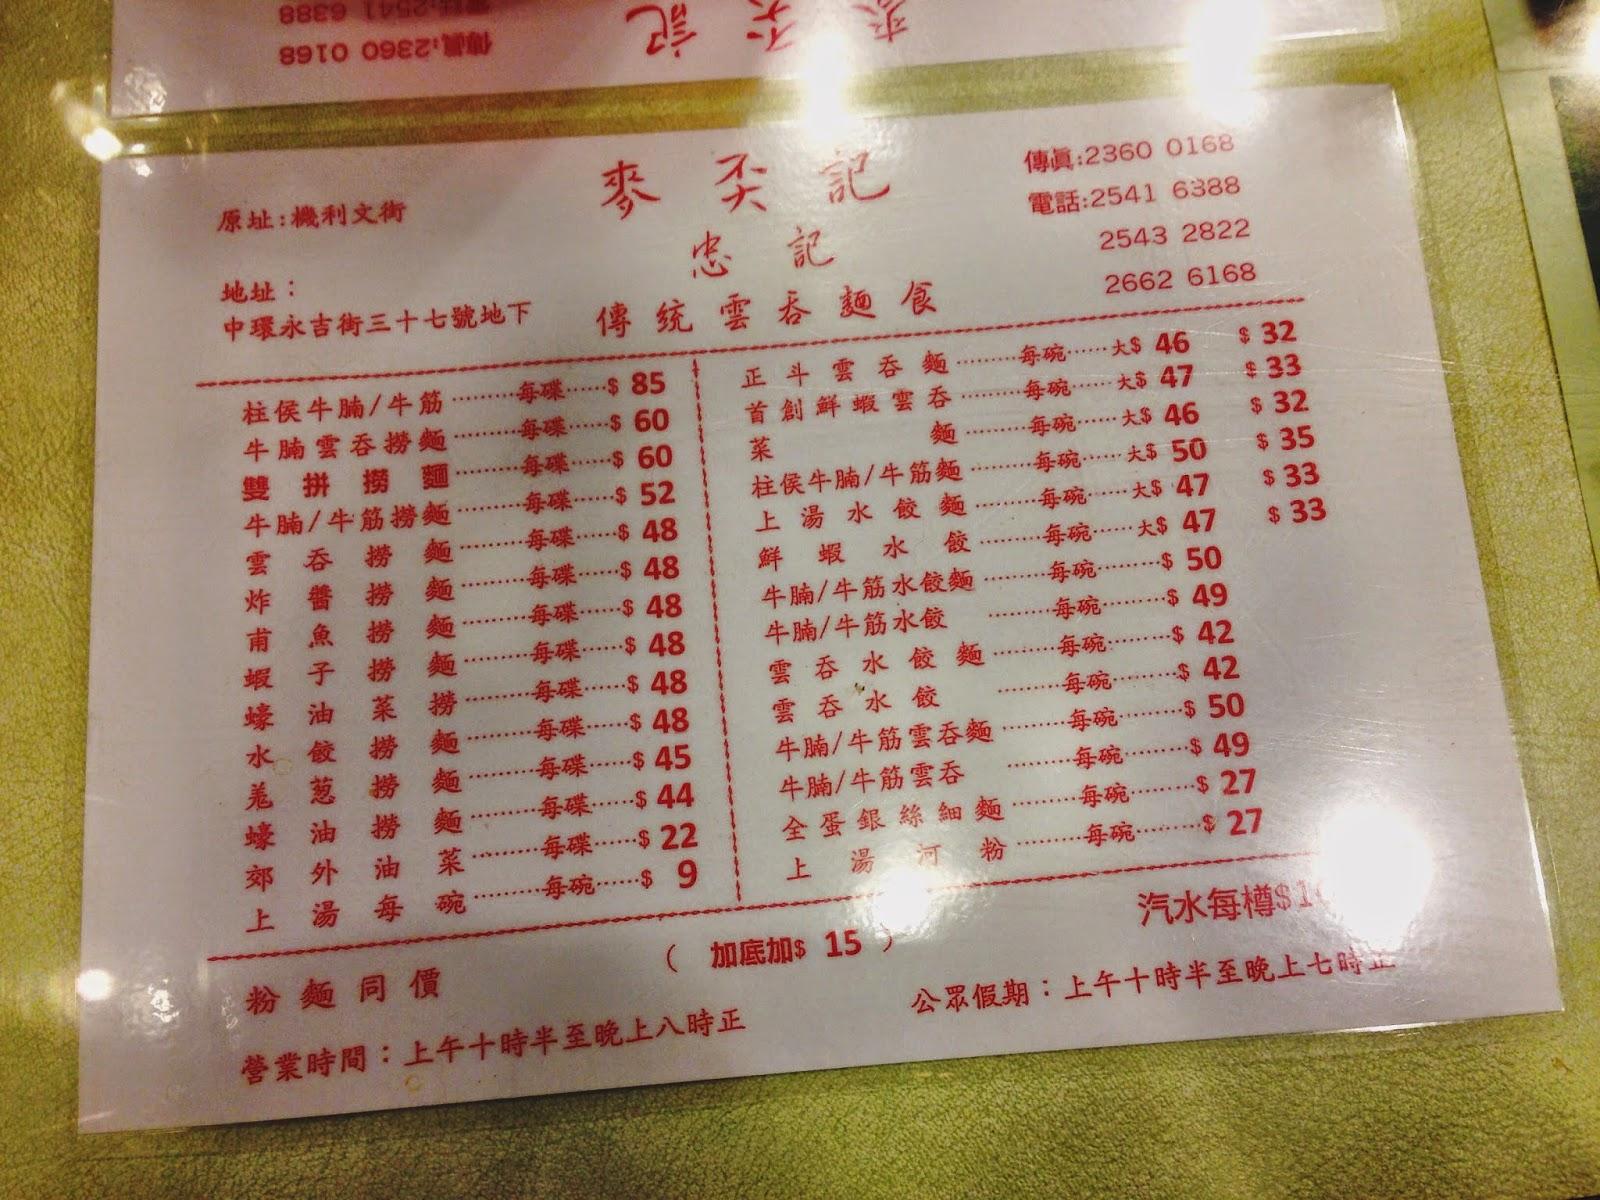 Mak An Kee Chung Kee Noodles Menu